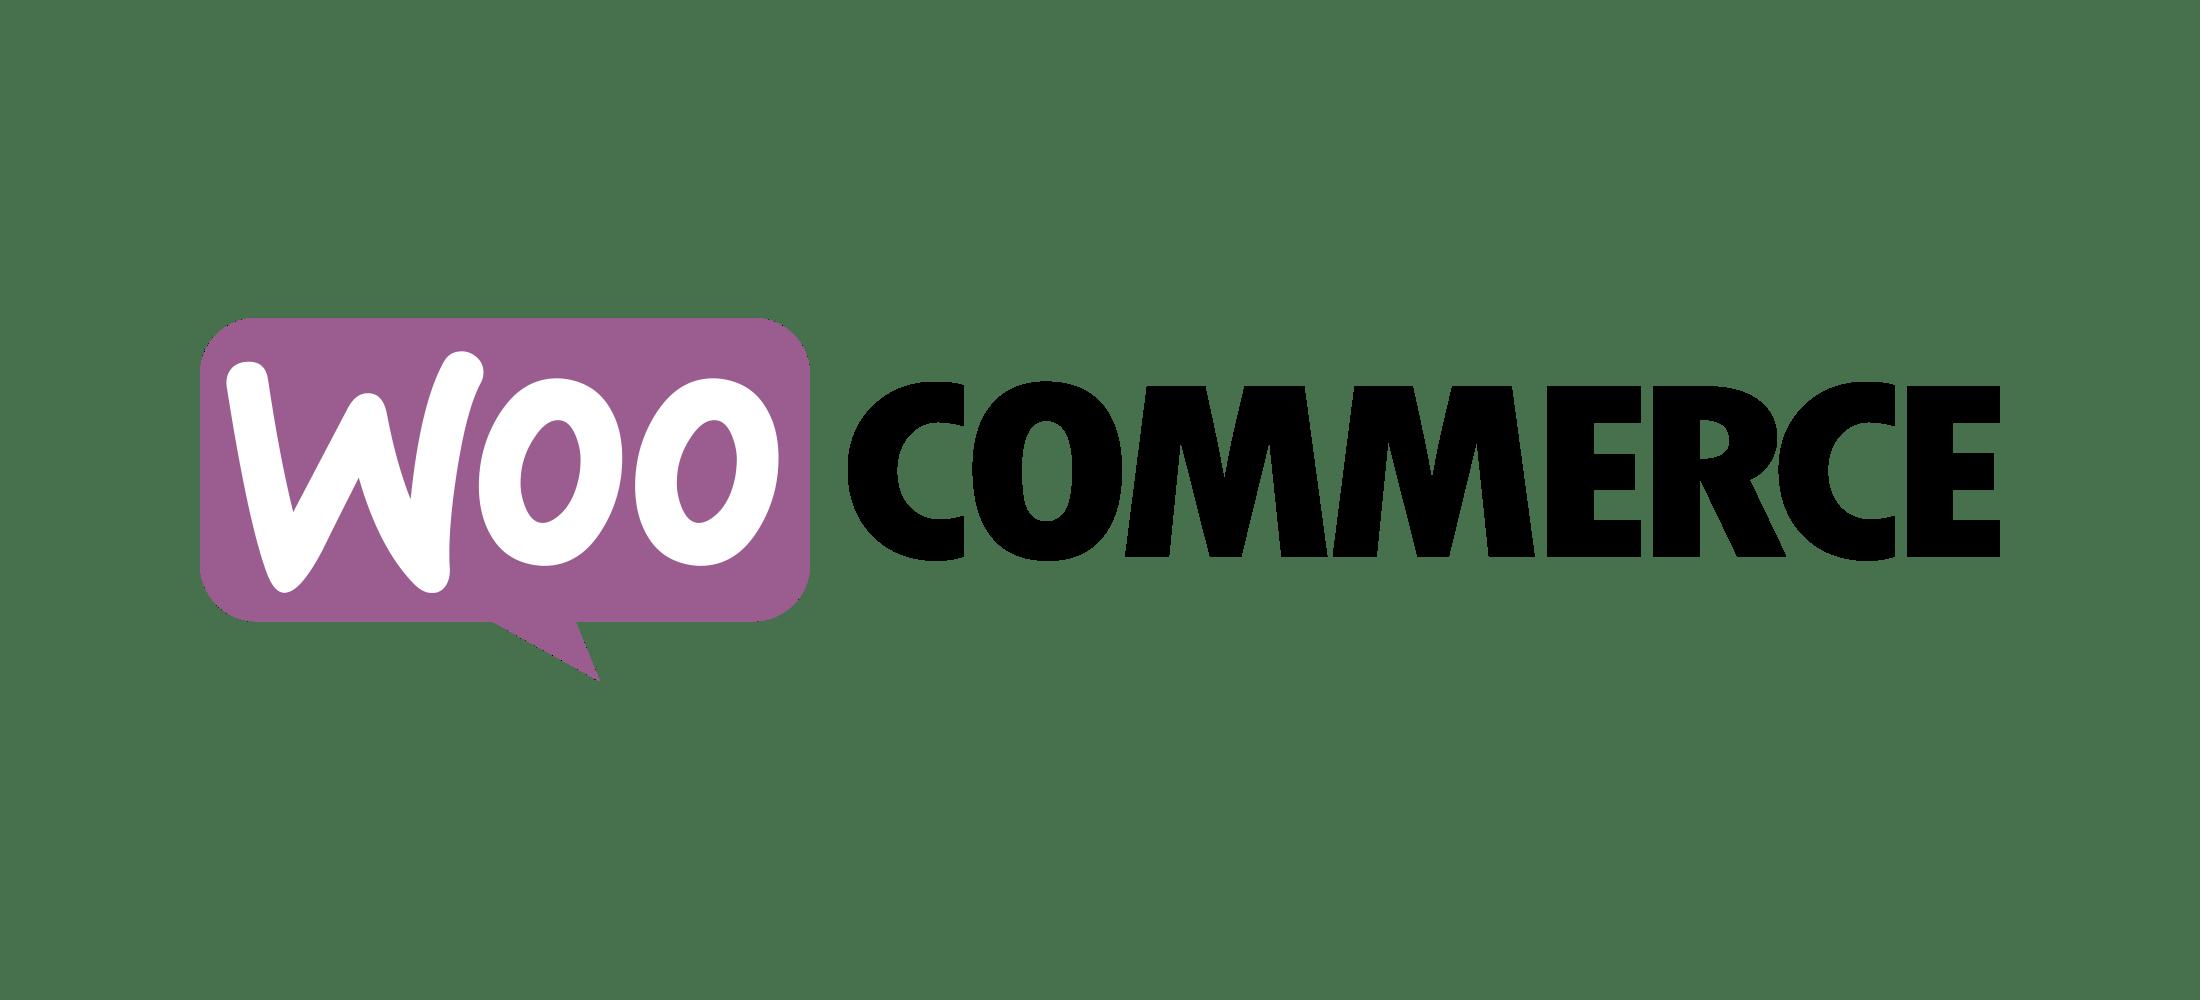 Logo Woo-commerce